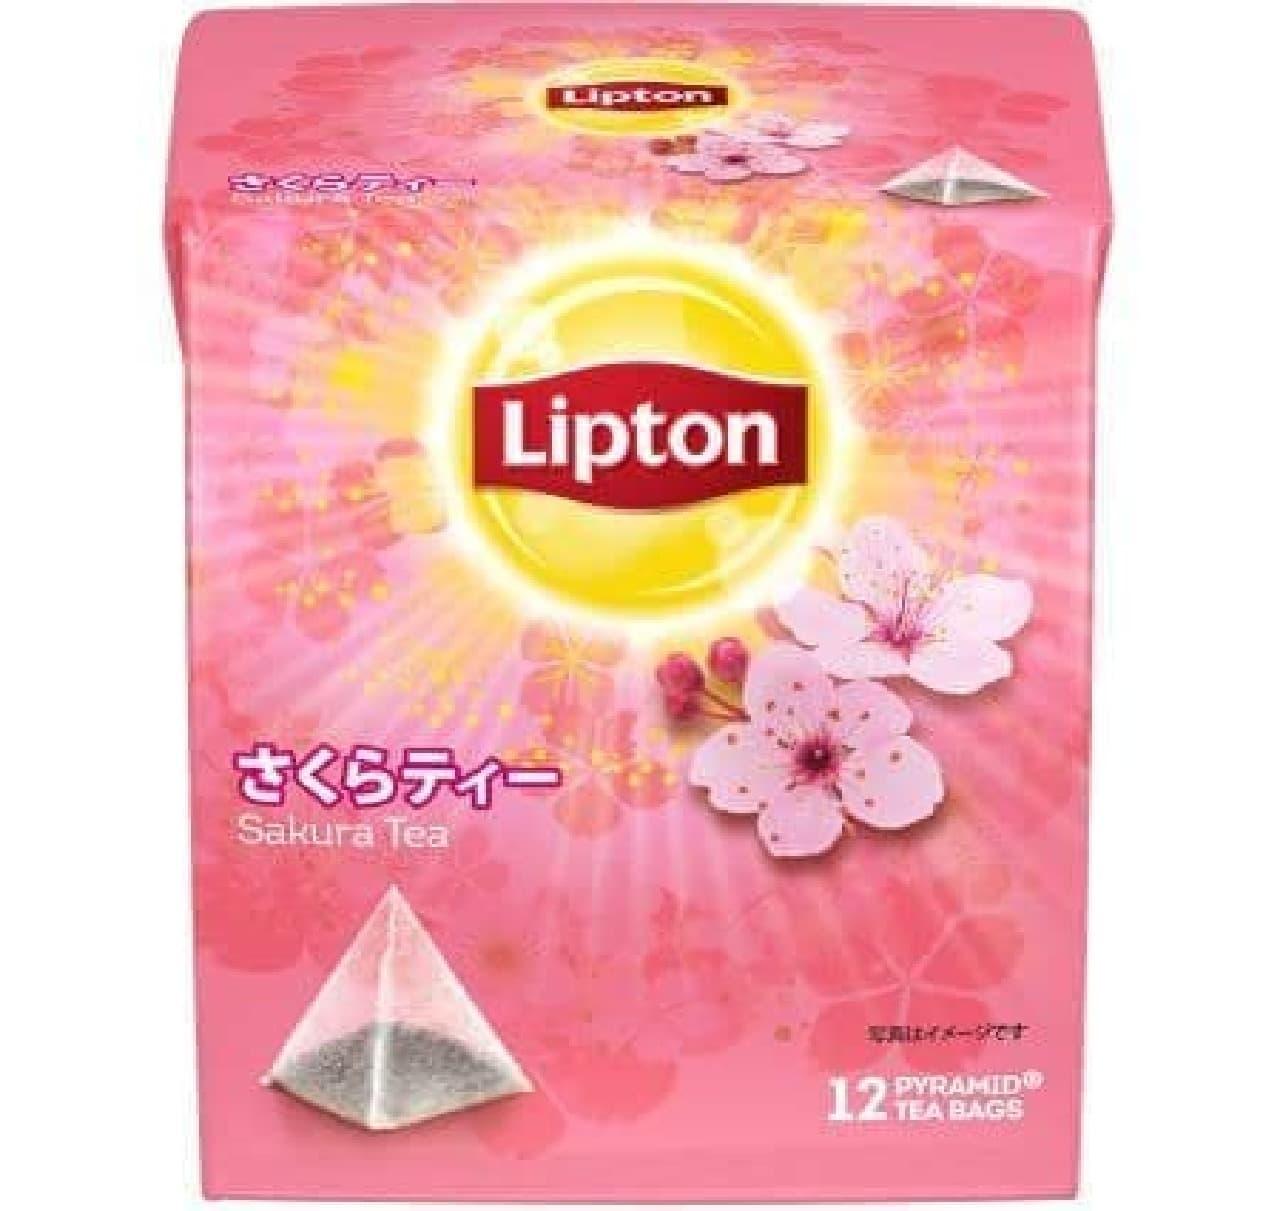 「さくらティー」は、本人が慣れ親しむ桜餅のようなやさしい香りとさわやかな味わいが楽しめる本格紅茶